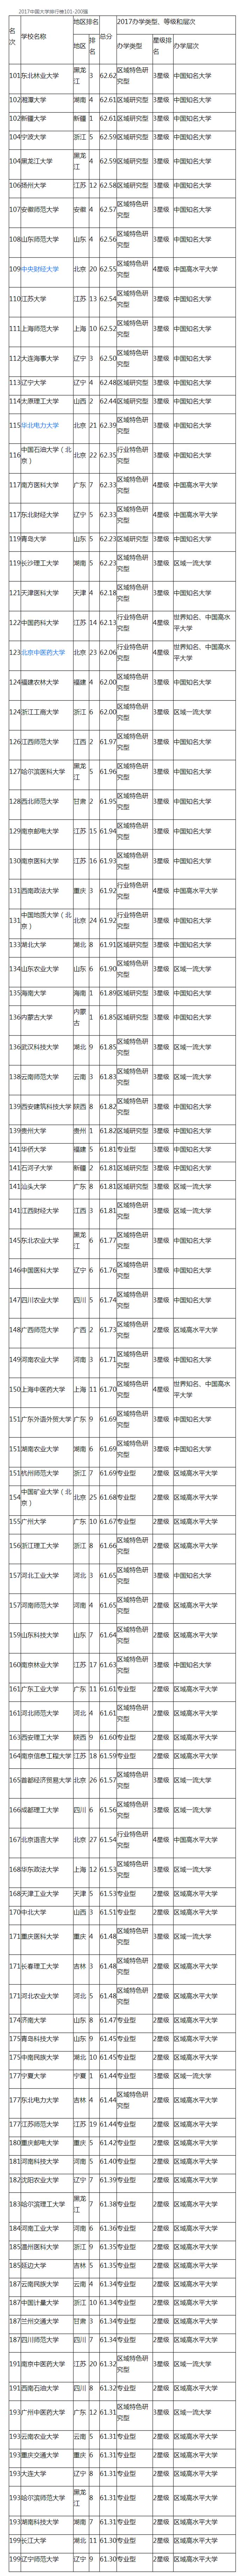 2017中国大学排行榜101-200强